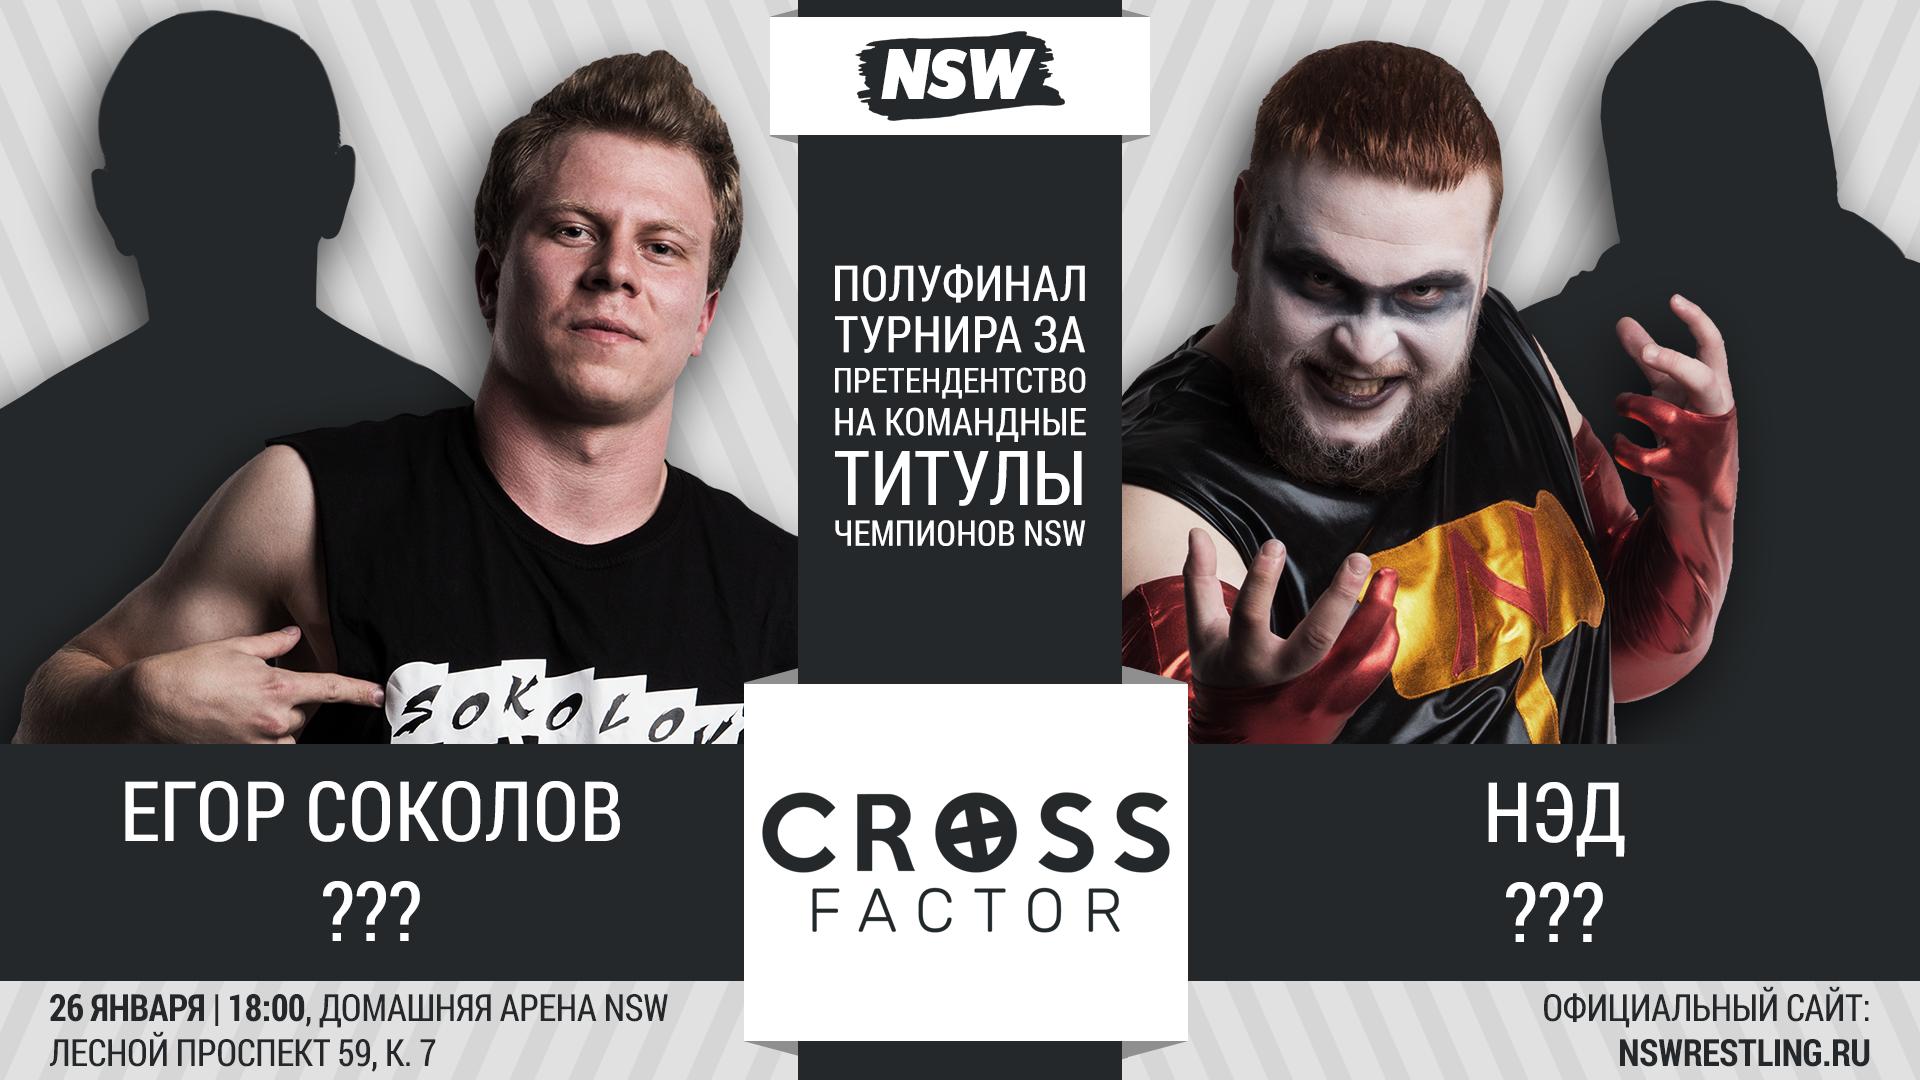 NSW Cross Factor (26/01): Егор Соколов и неизвестный напарник против НЭДа и неизвестного напарника